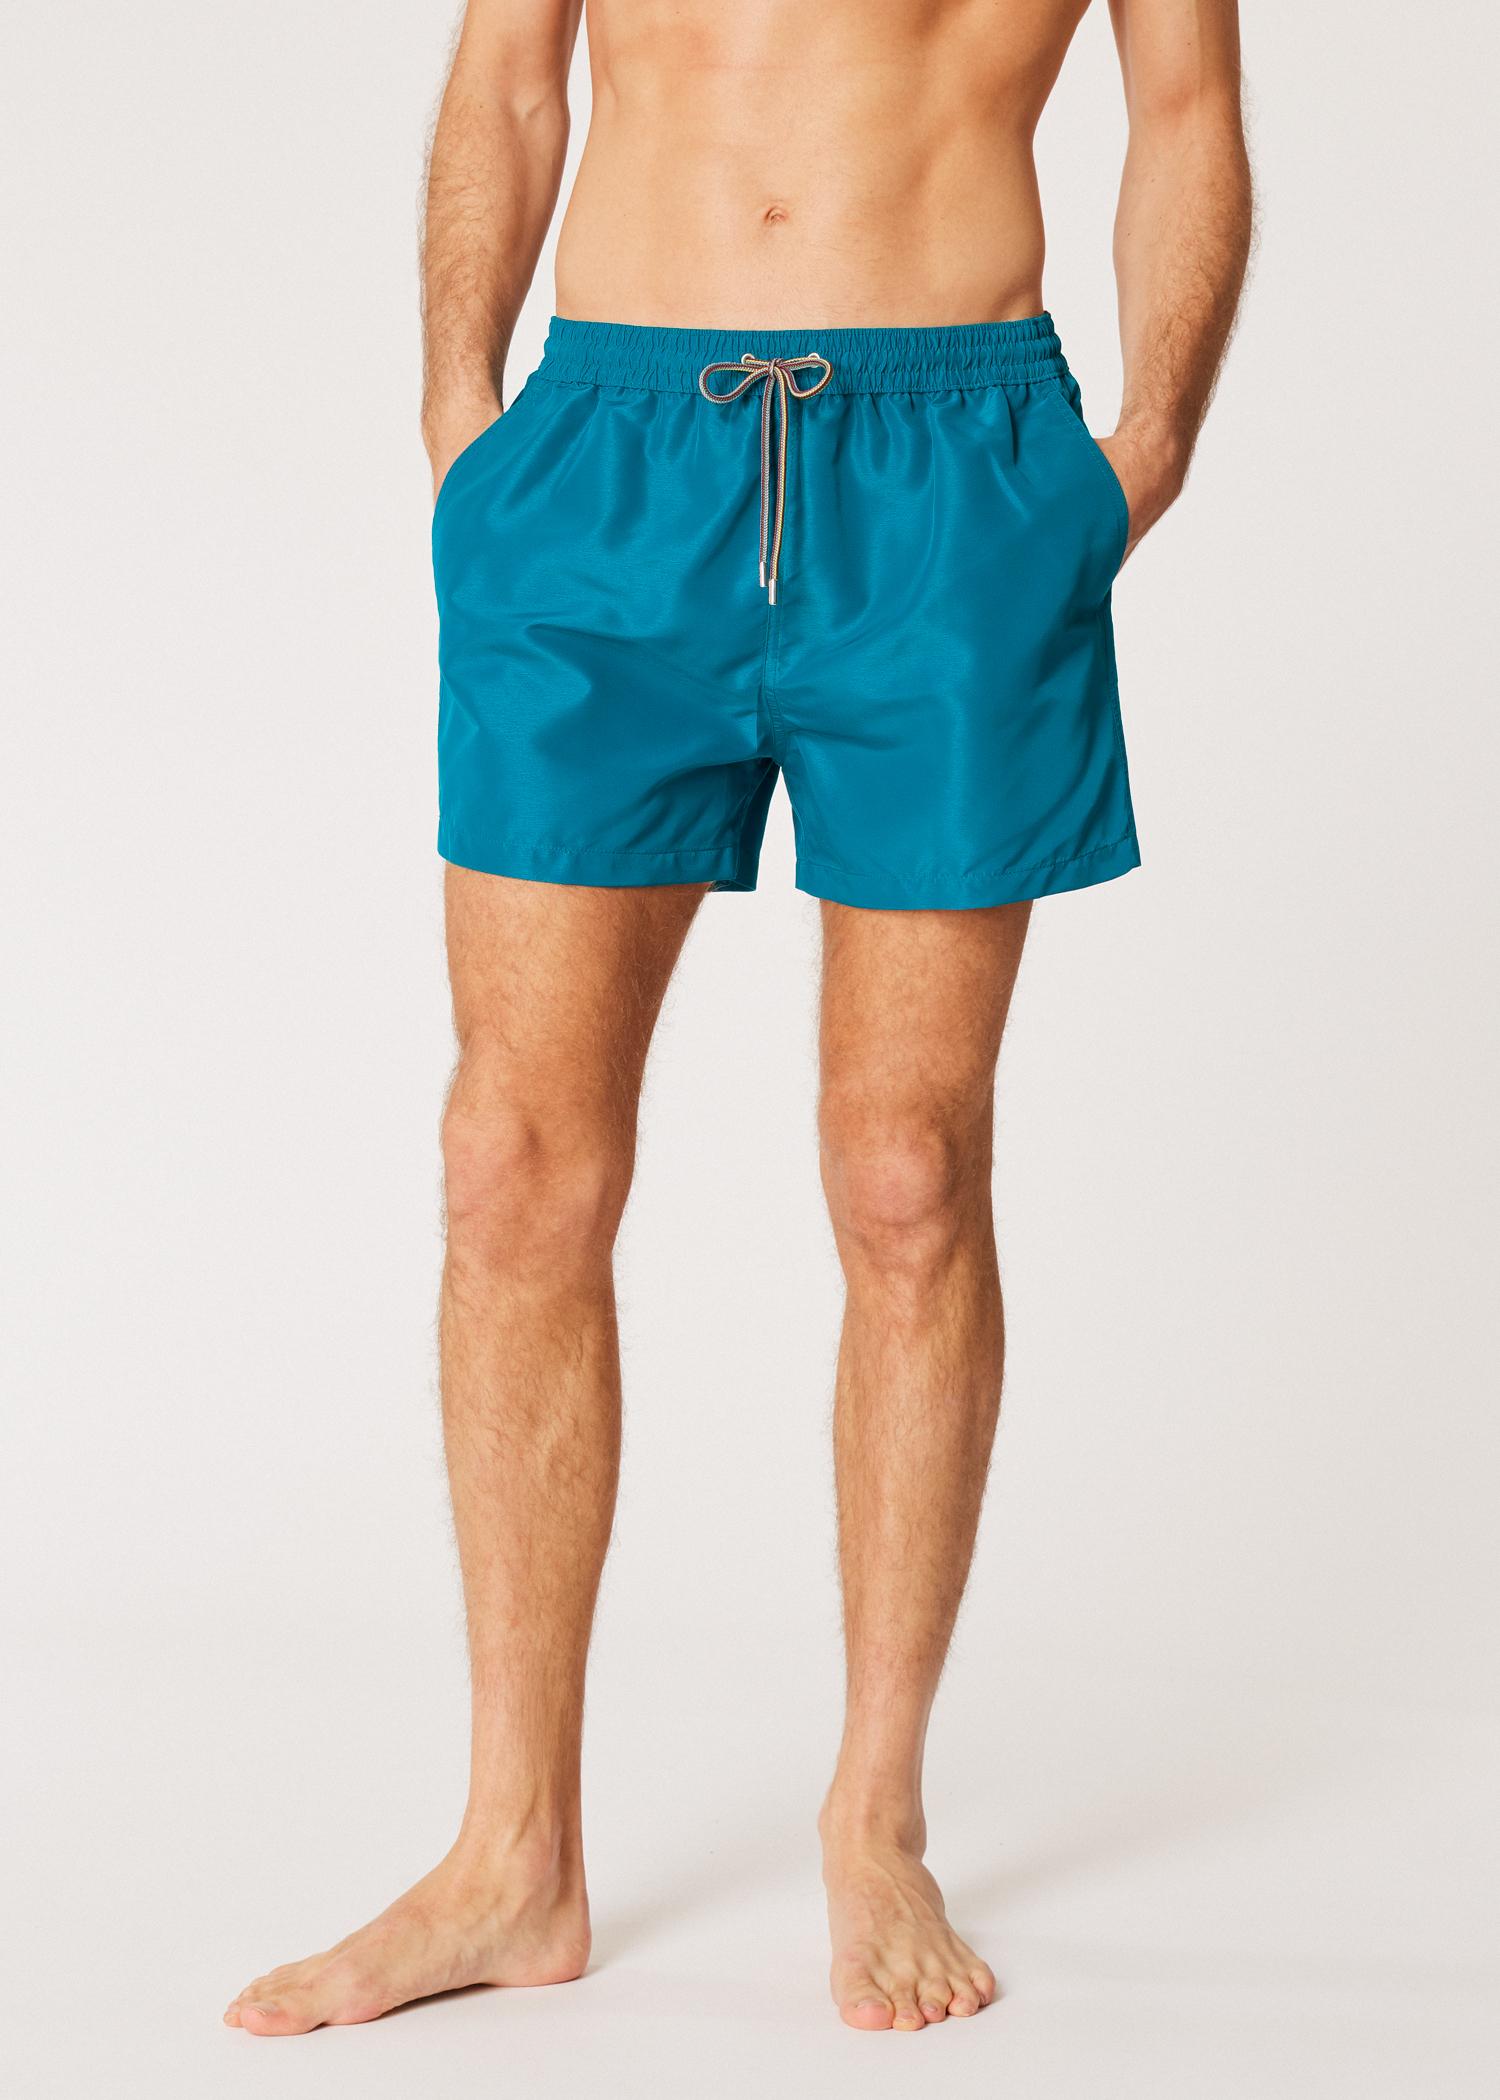 9de403085 Men's Petrol Blue Swim Shorts